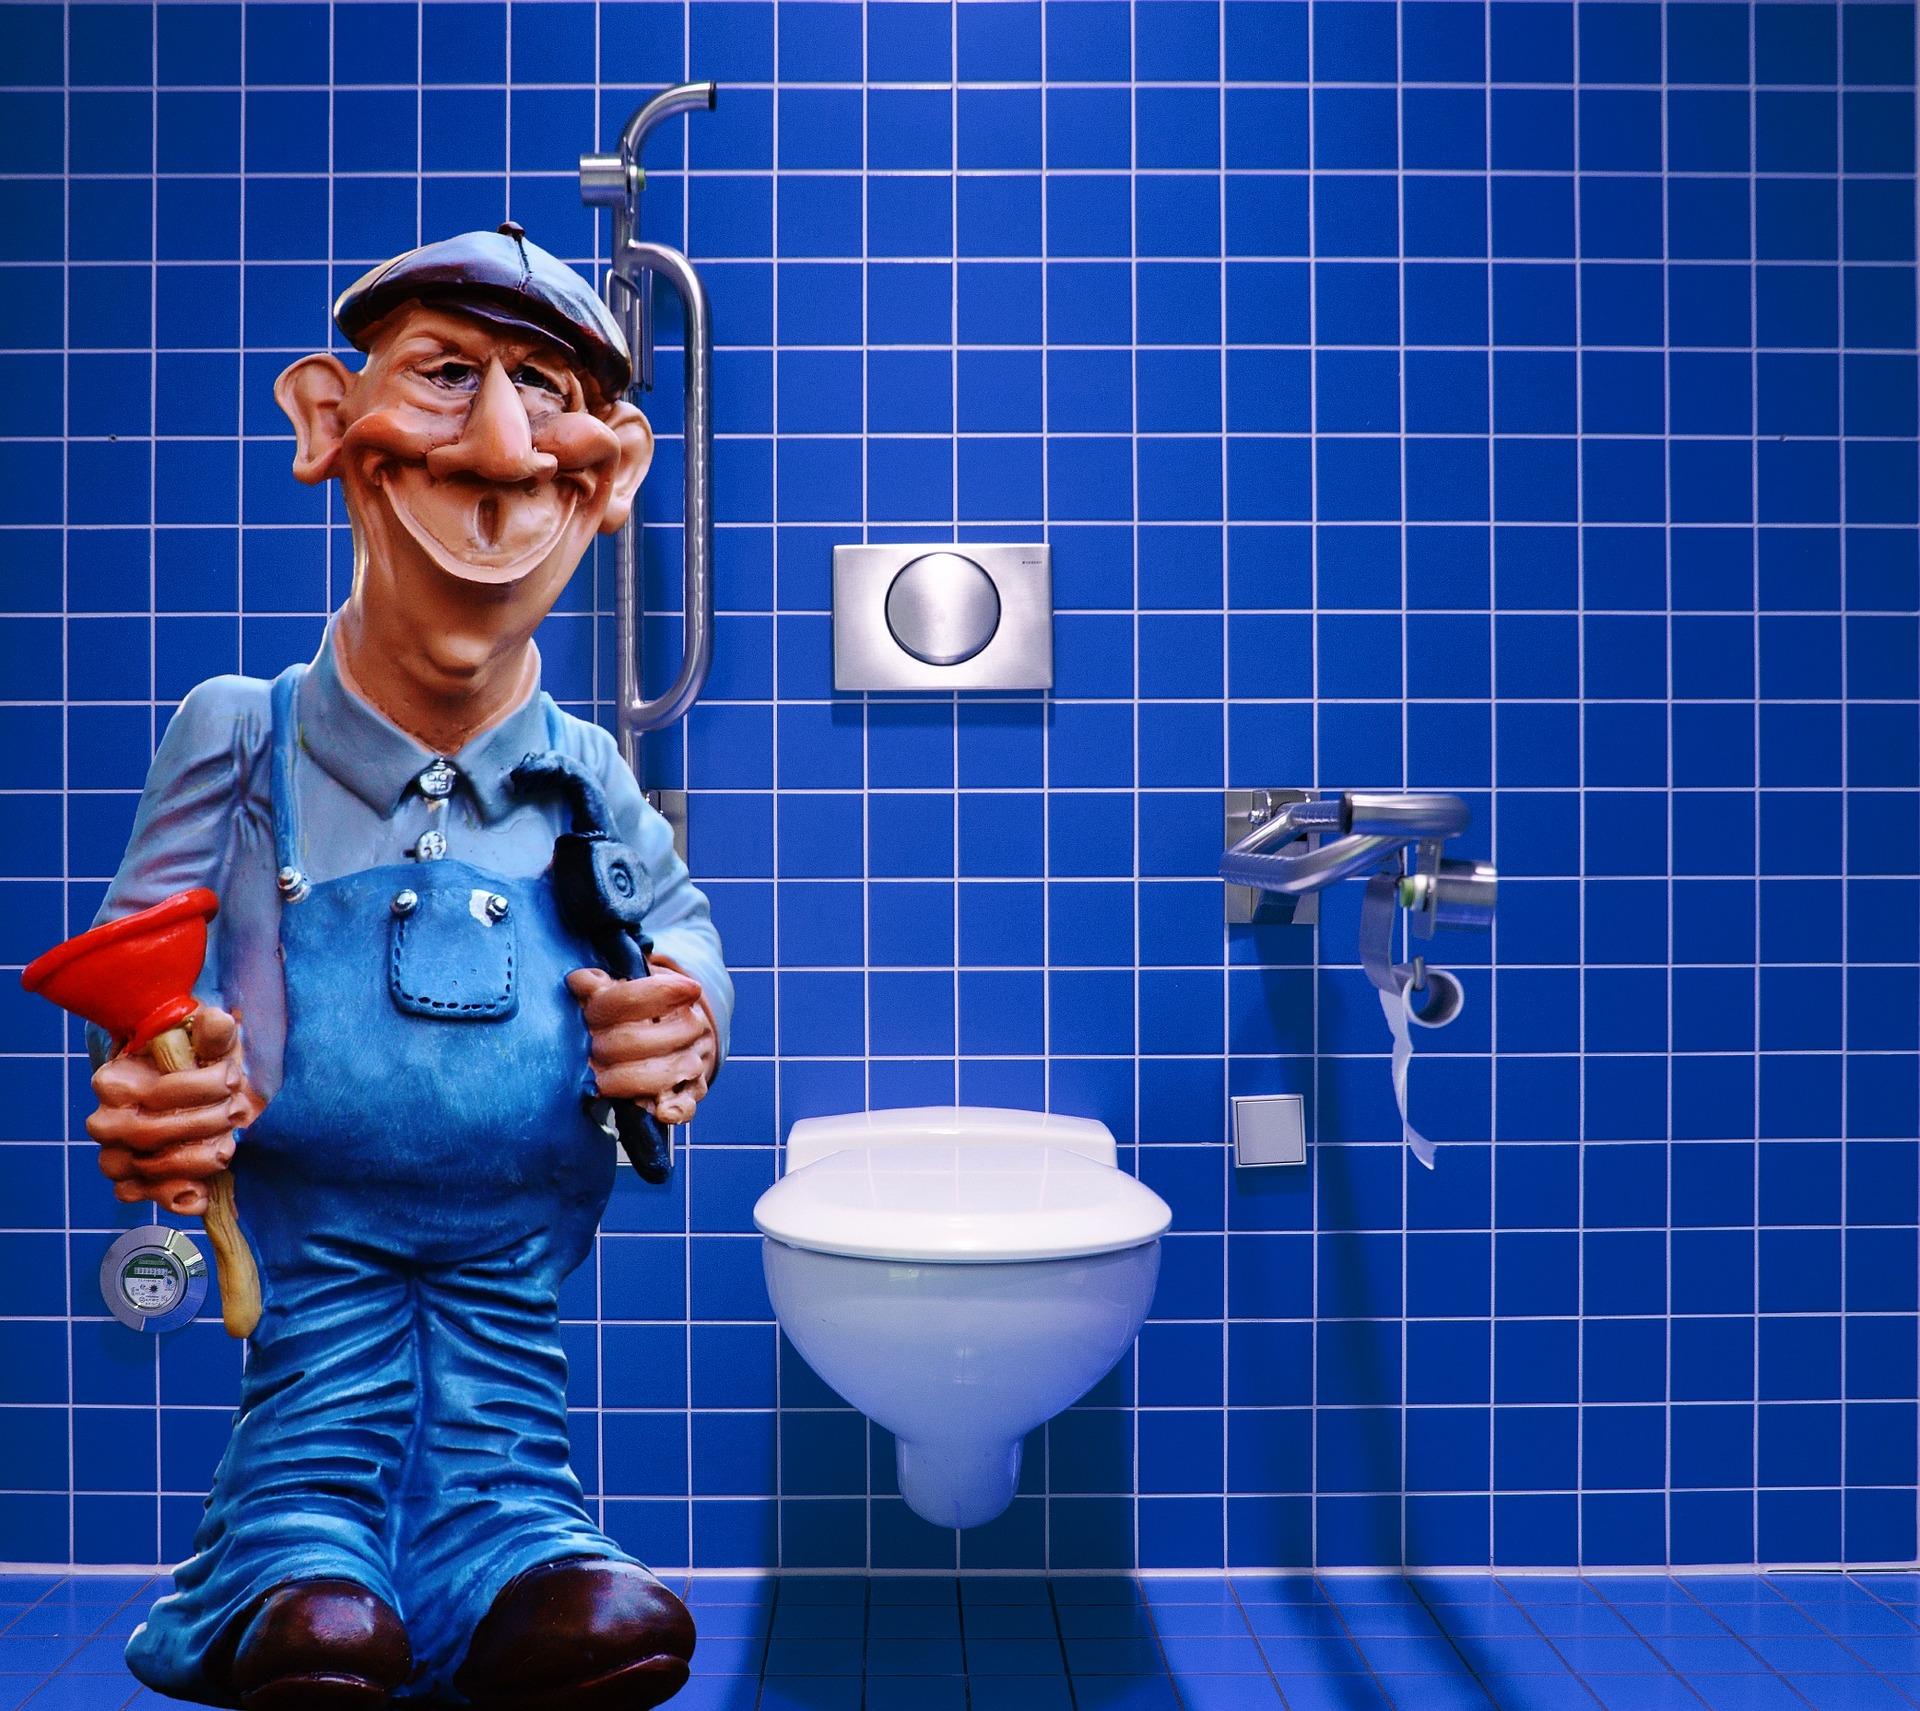 «Туалети в раді під загрозою»: Туалети у приміщенні Львівської ради нікому ремонтувати